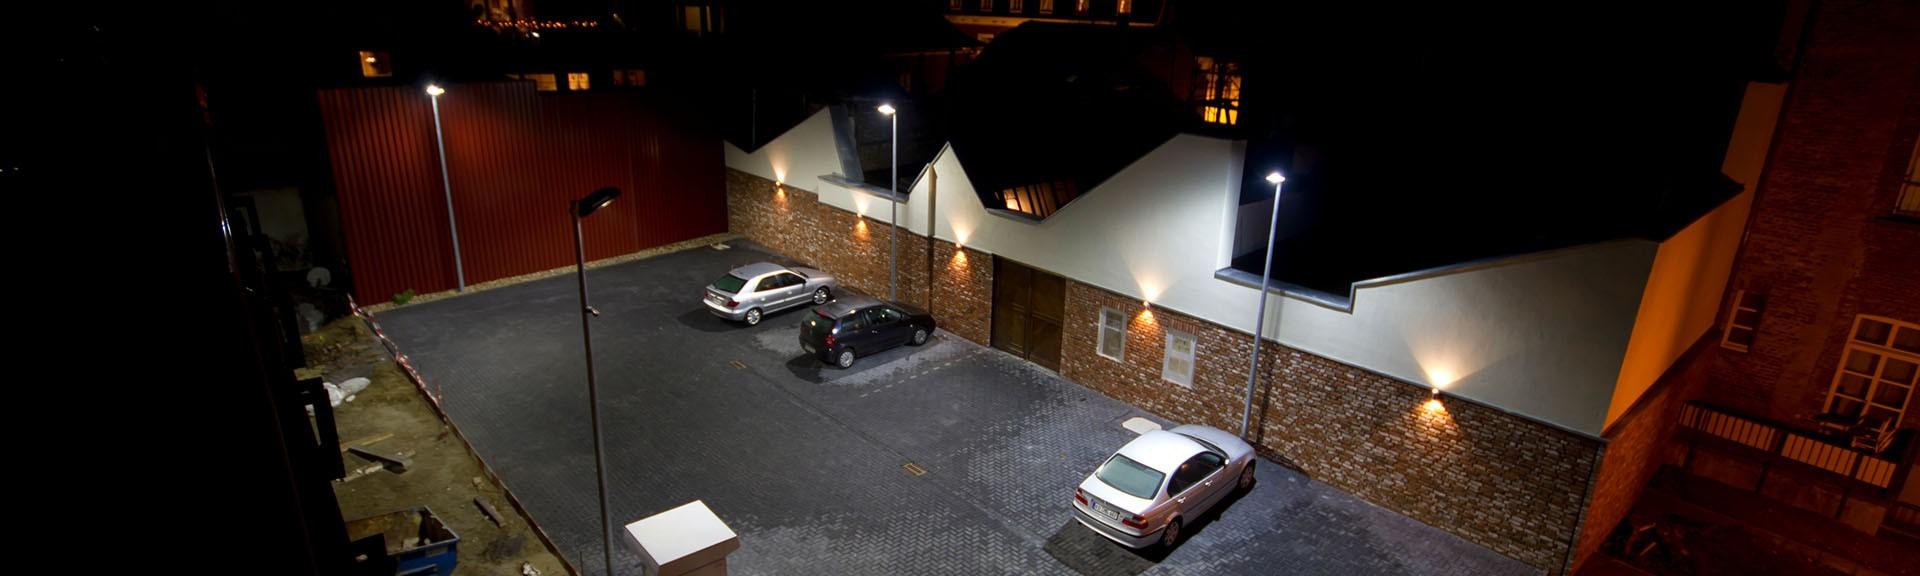 Städtischer Parkplatz